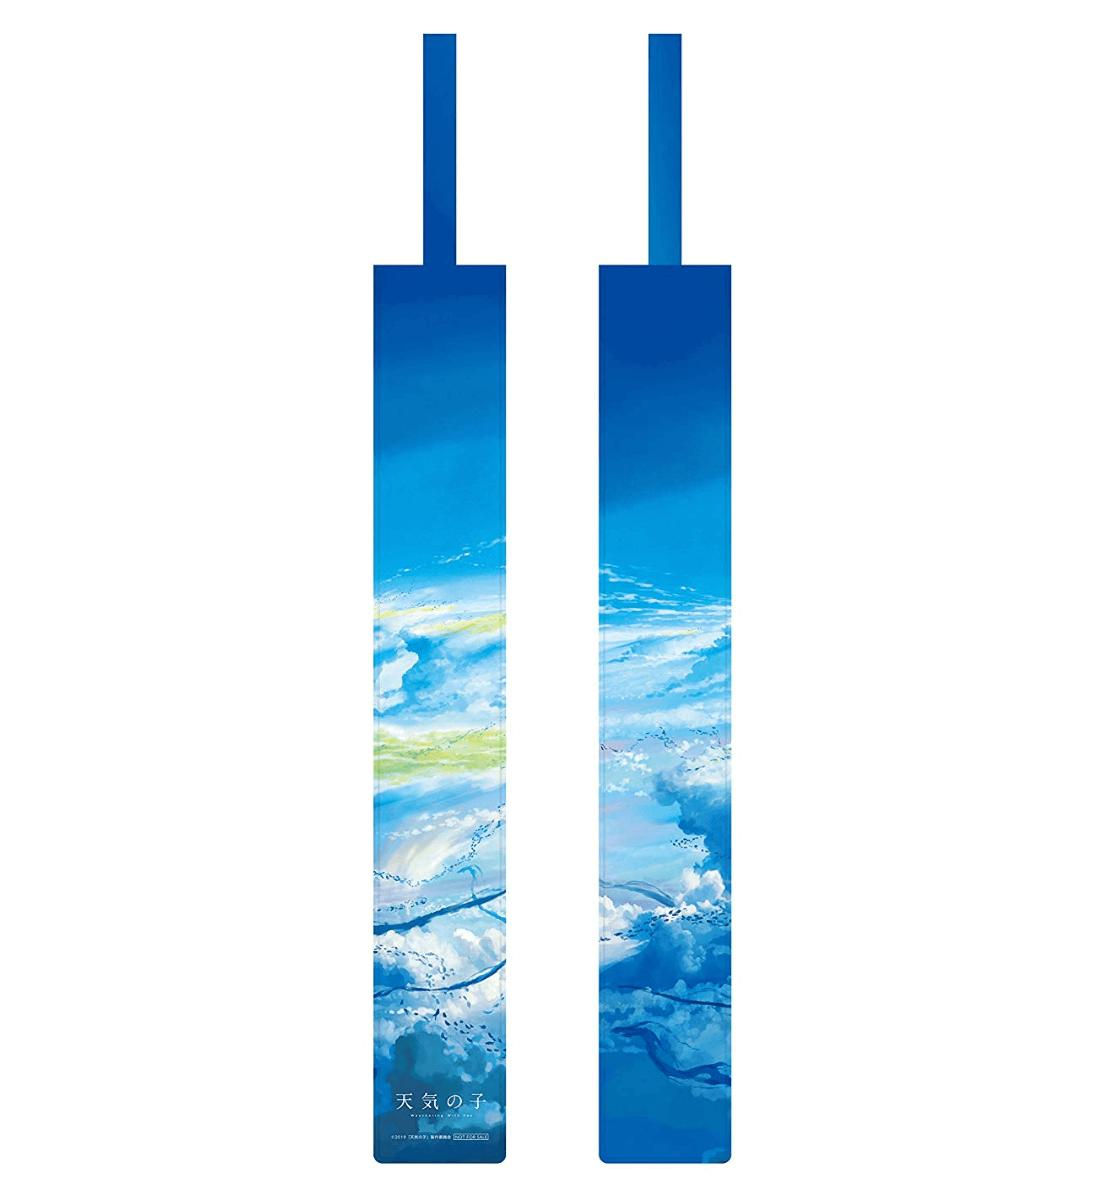 天気の子 Amazon.co.jp限定 オリジナルアンブレラカバー(長傘用)